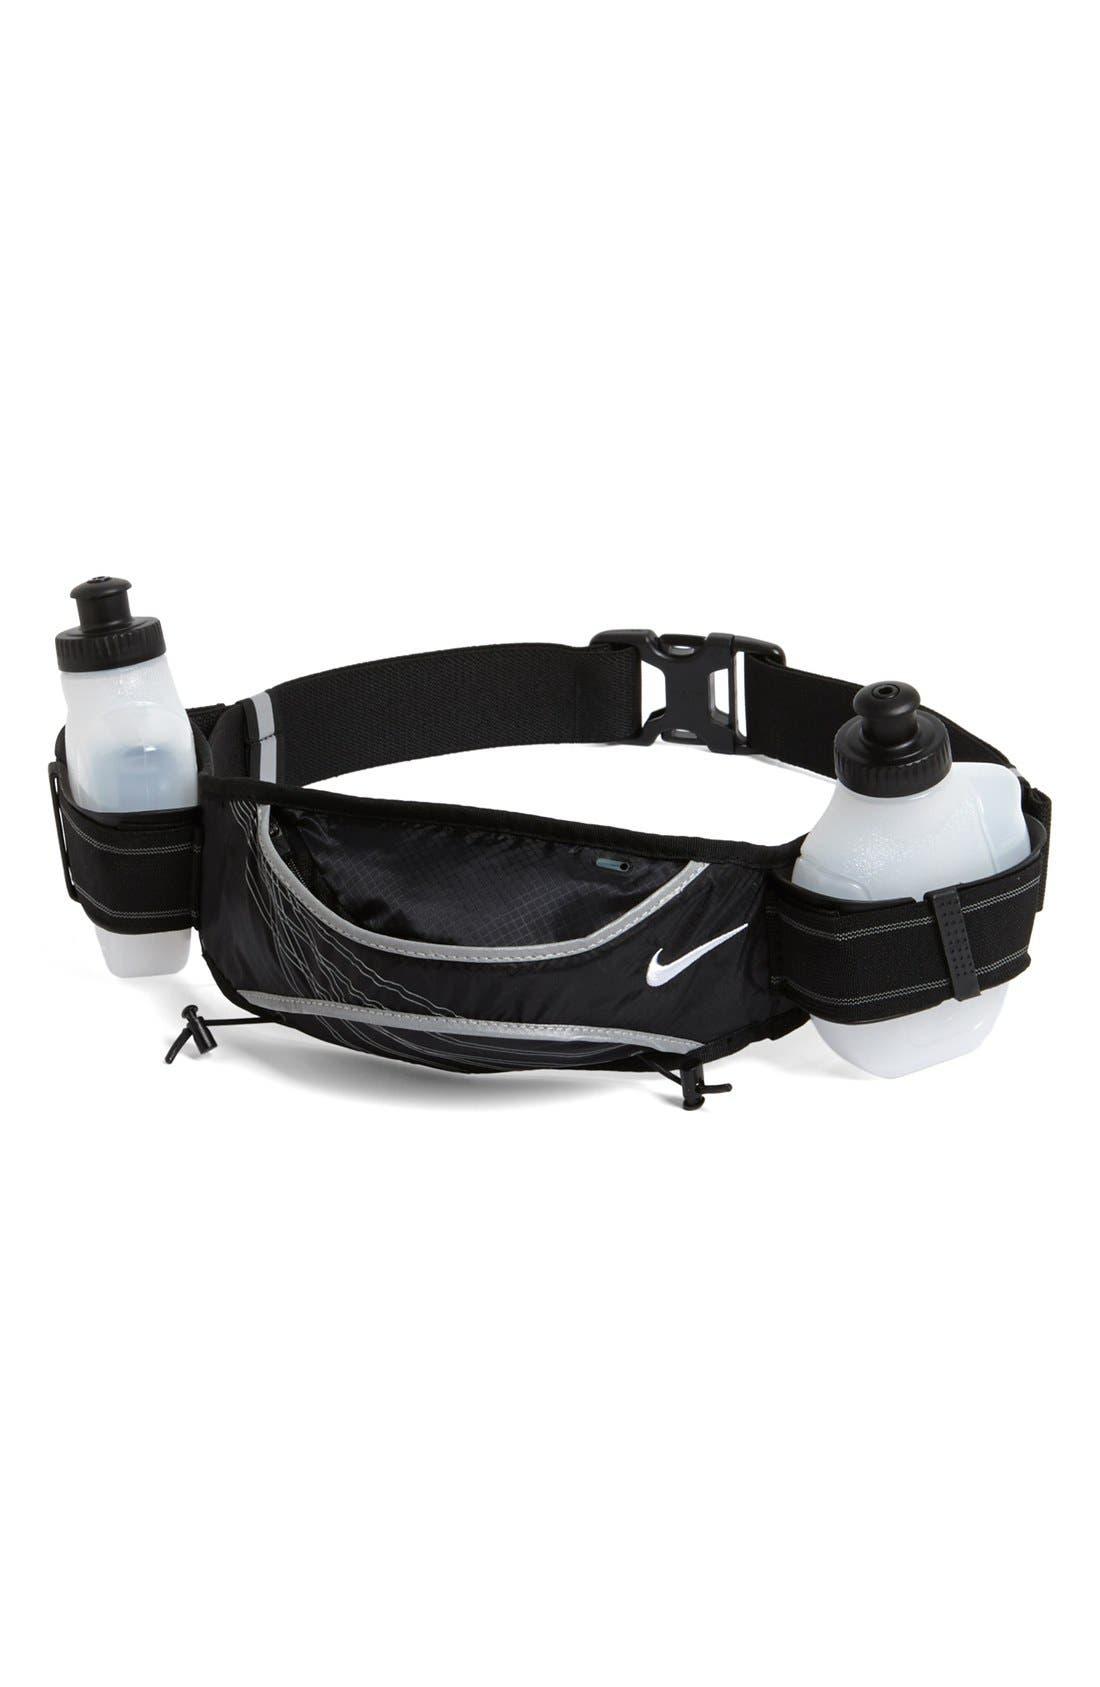 Main Image - Nike 'Hydration' Two Bottle Belt